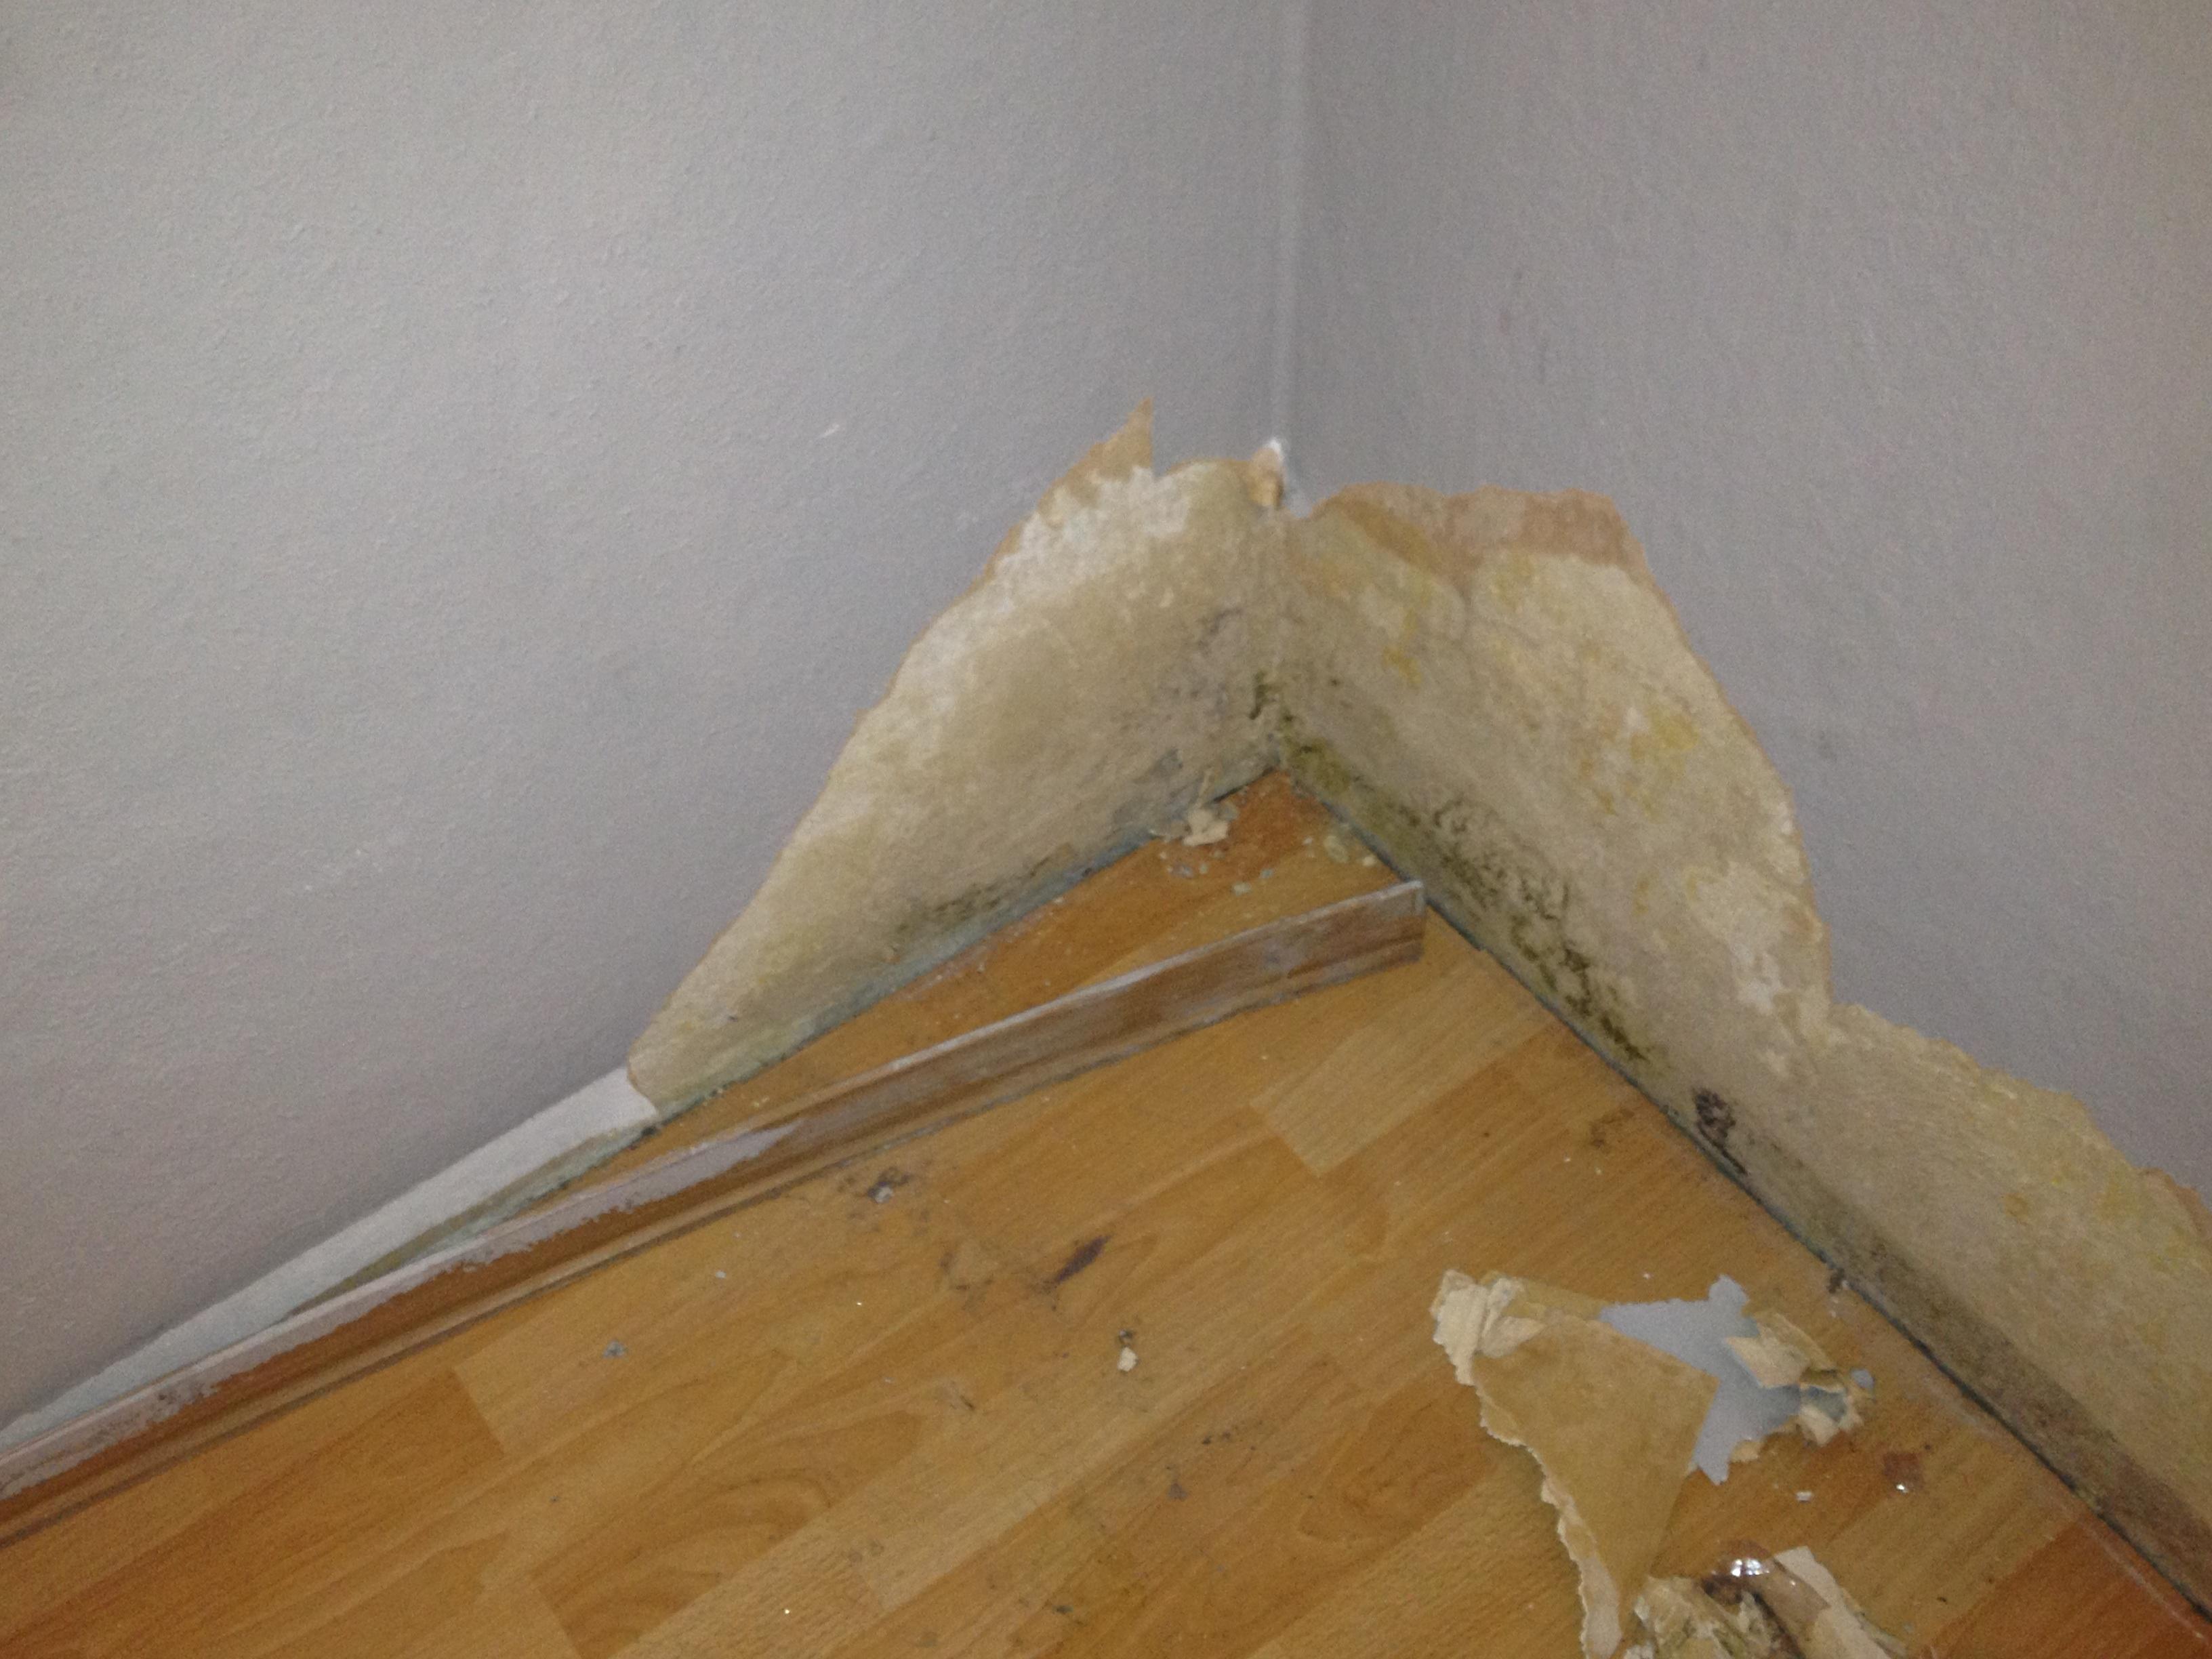 wasserschaden rat bitte recht wohnung versicherung. Black Bedroom Furniture Sets. Home Design Ideas